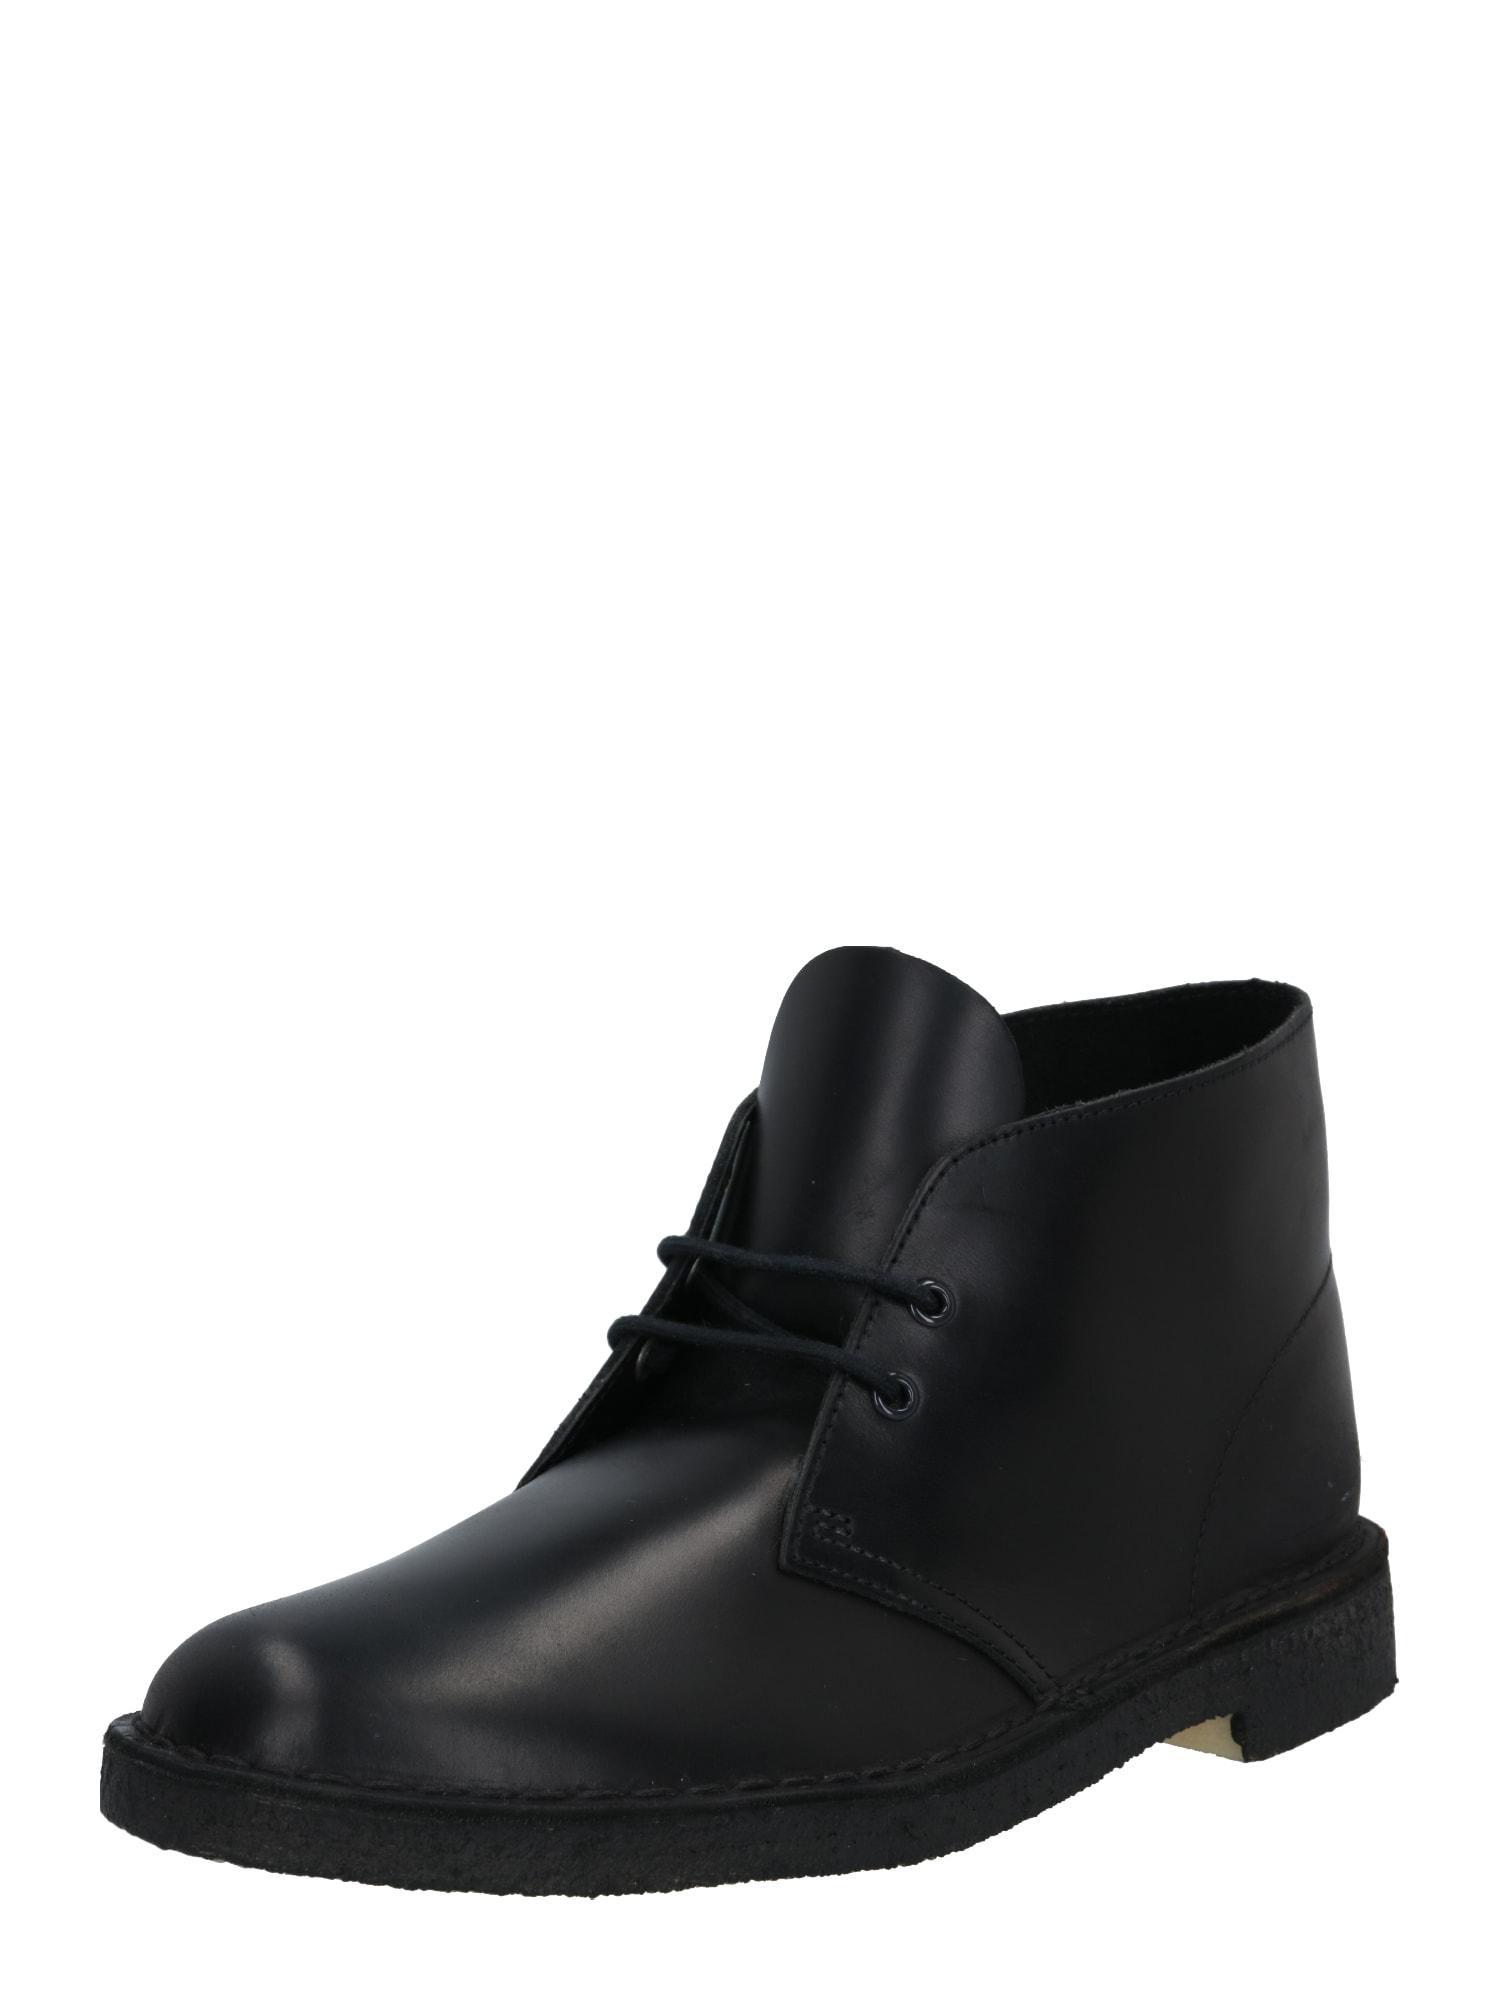 """Clarks Originals """"Chukka"""" batai juoda"""